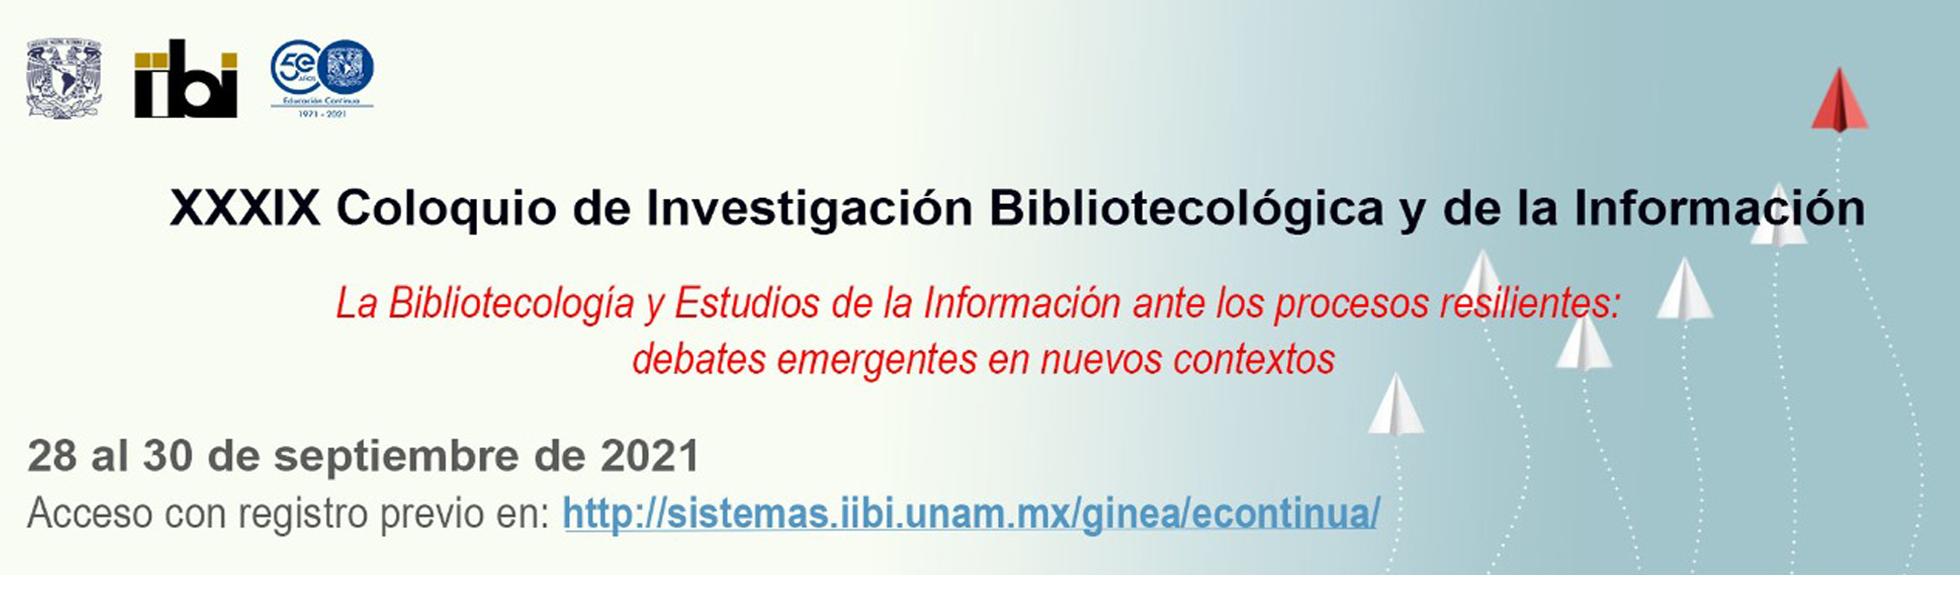 XXXIX Coloquio de Investigación Bibliotecológica y de la Información